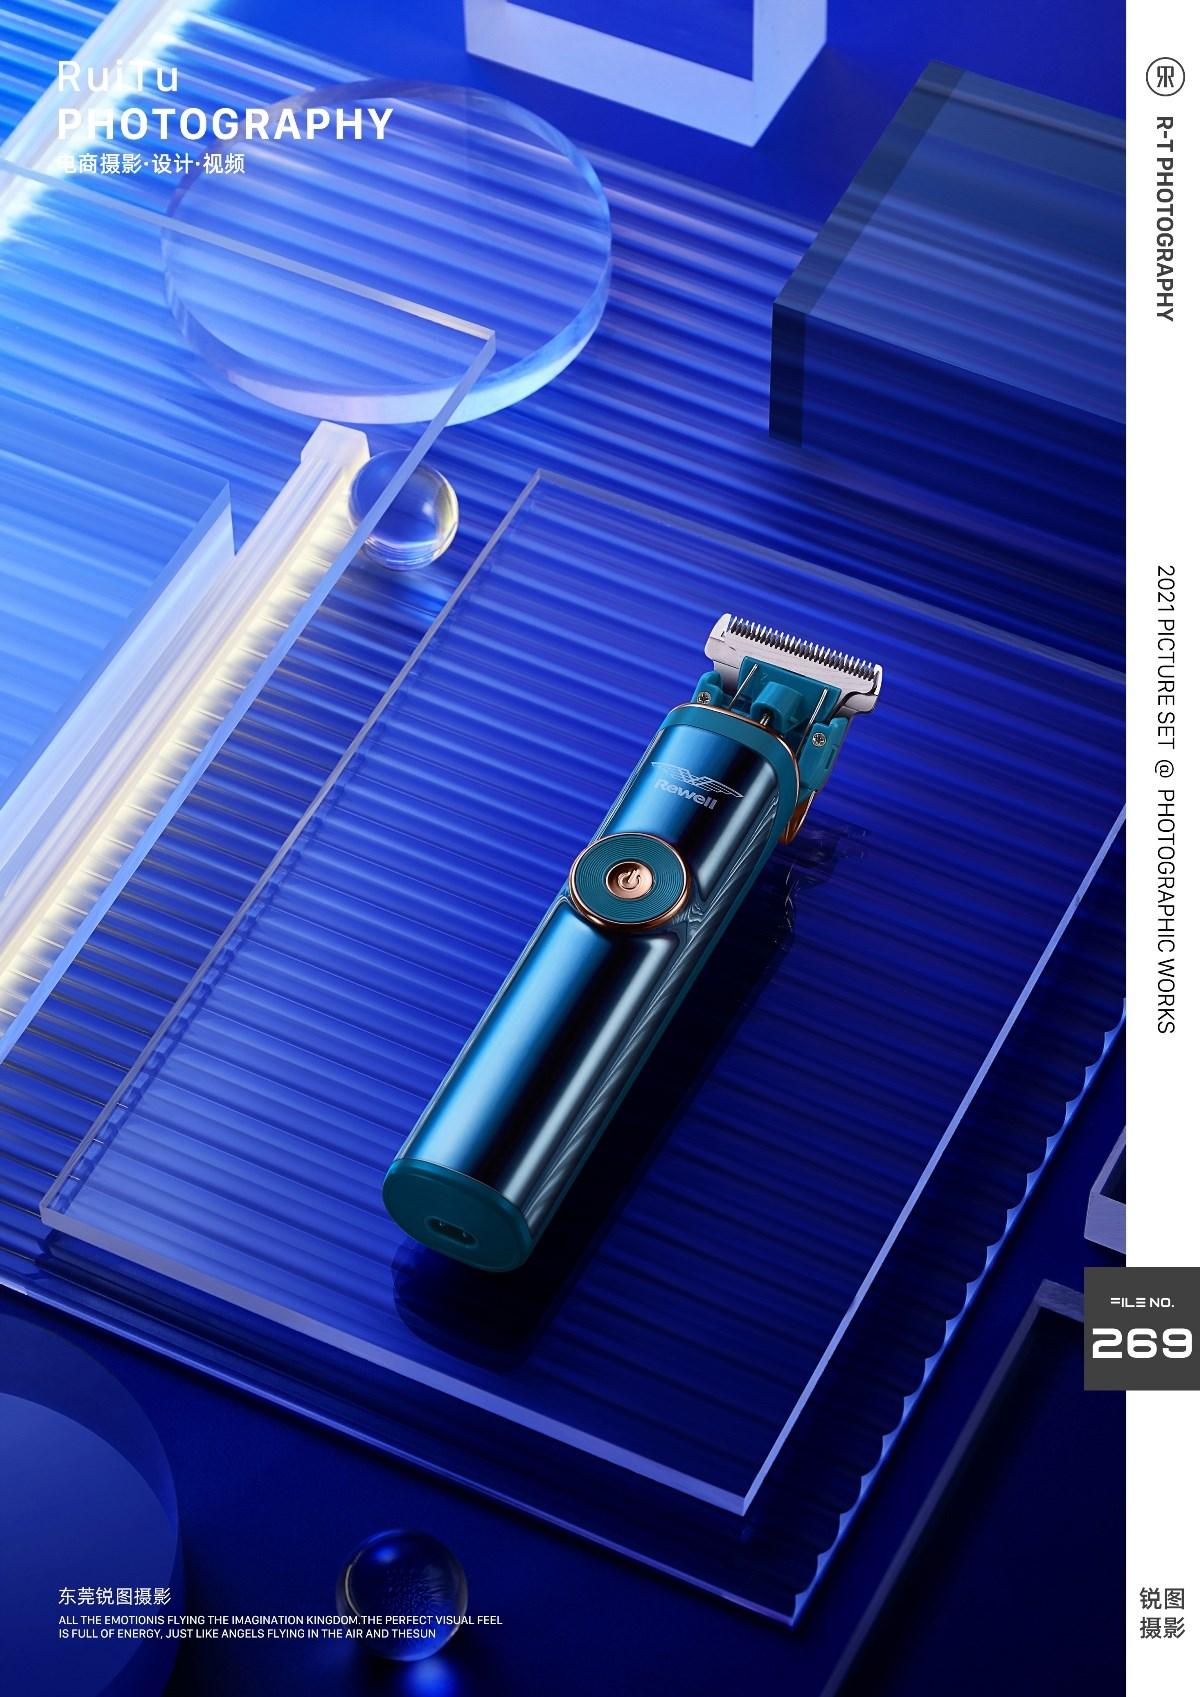 个护产品-电商摄影-场景图-东莞锐图产品摄影